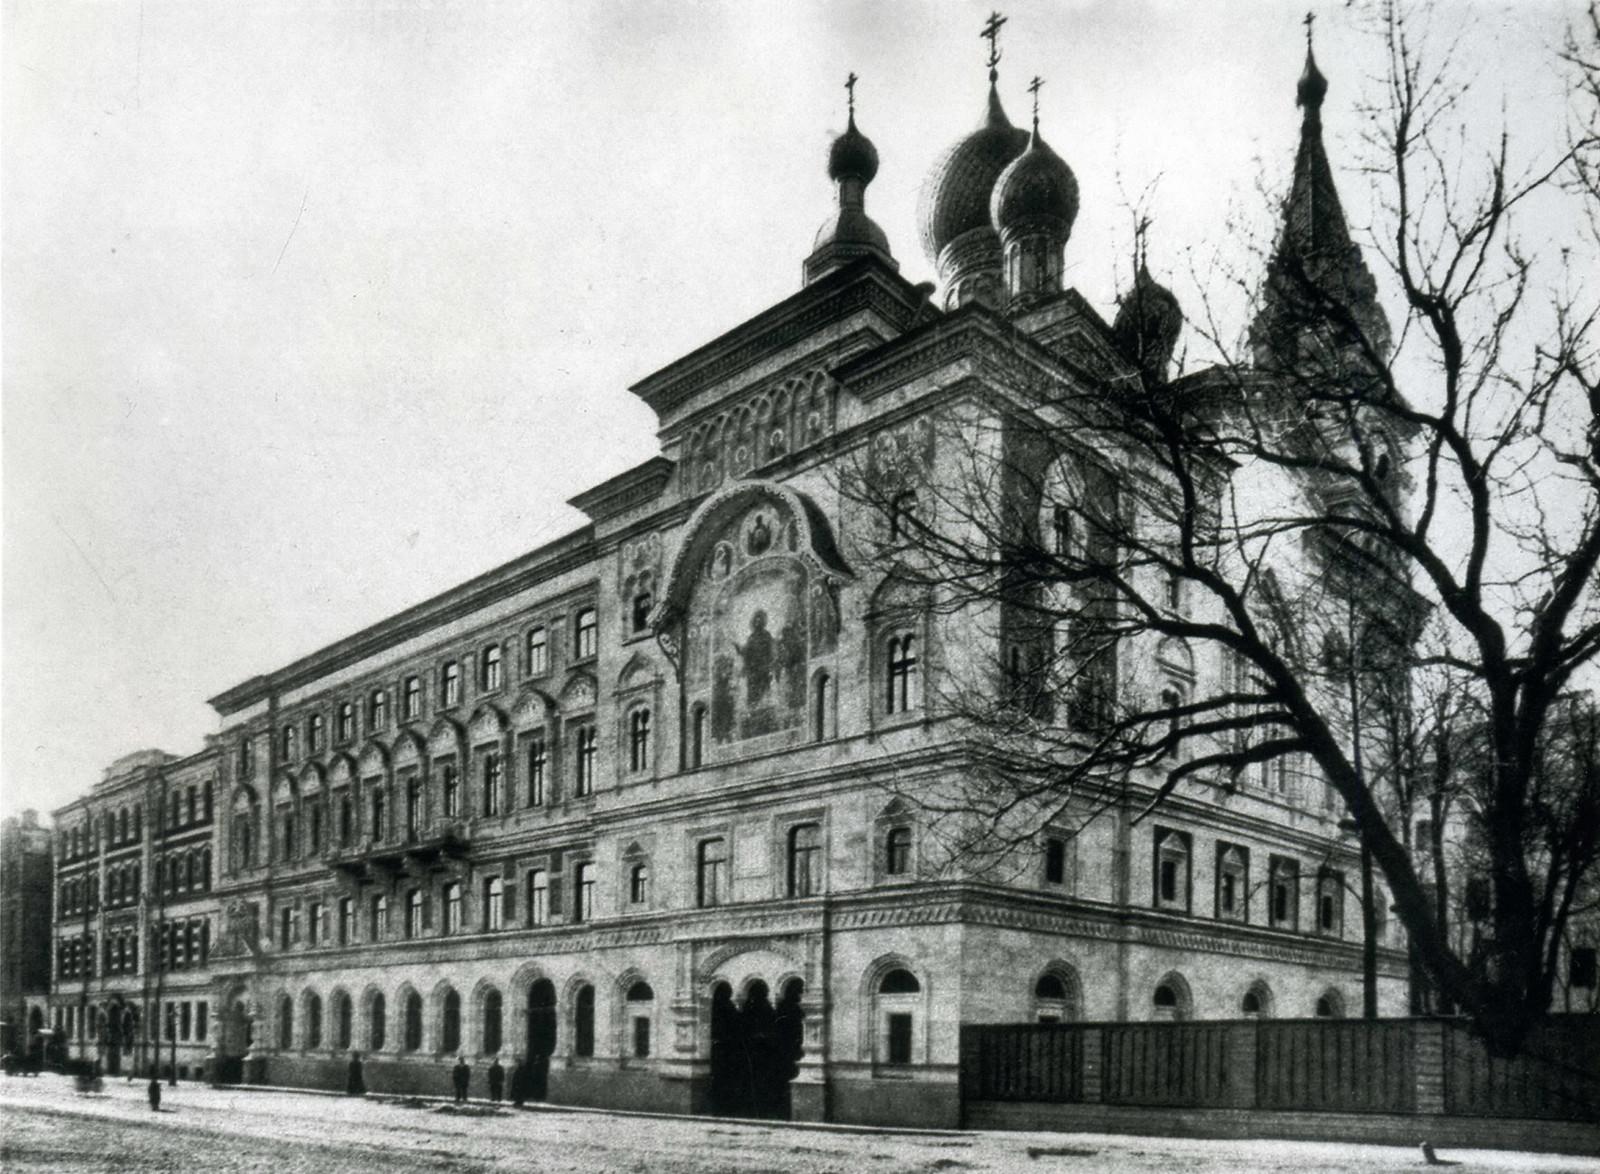 Здание Училищного совета Святейшего Синода. Кабинетная ул.13